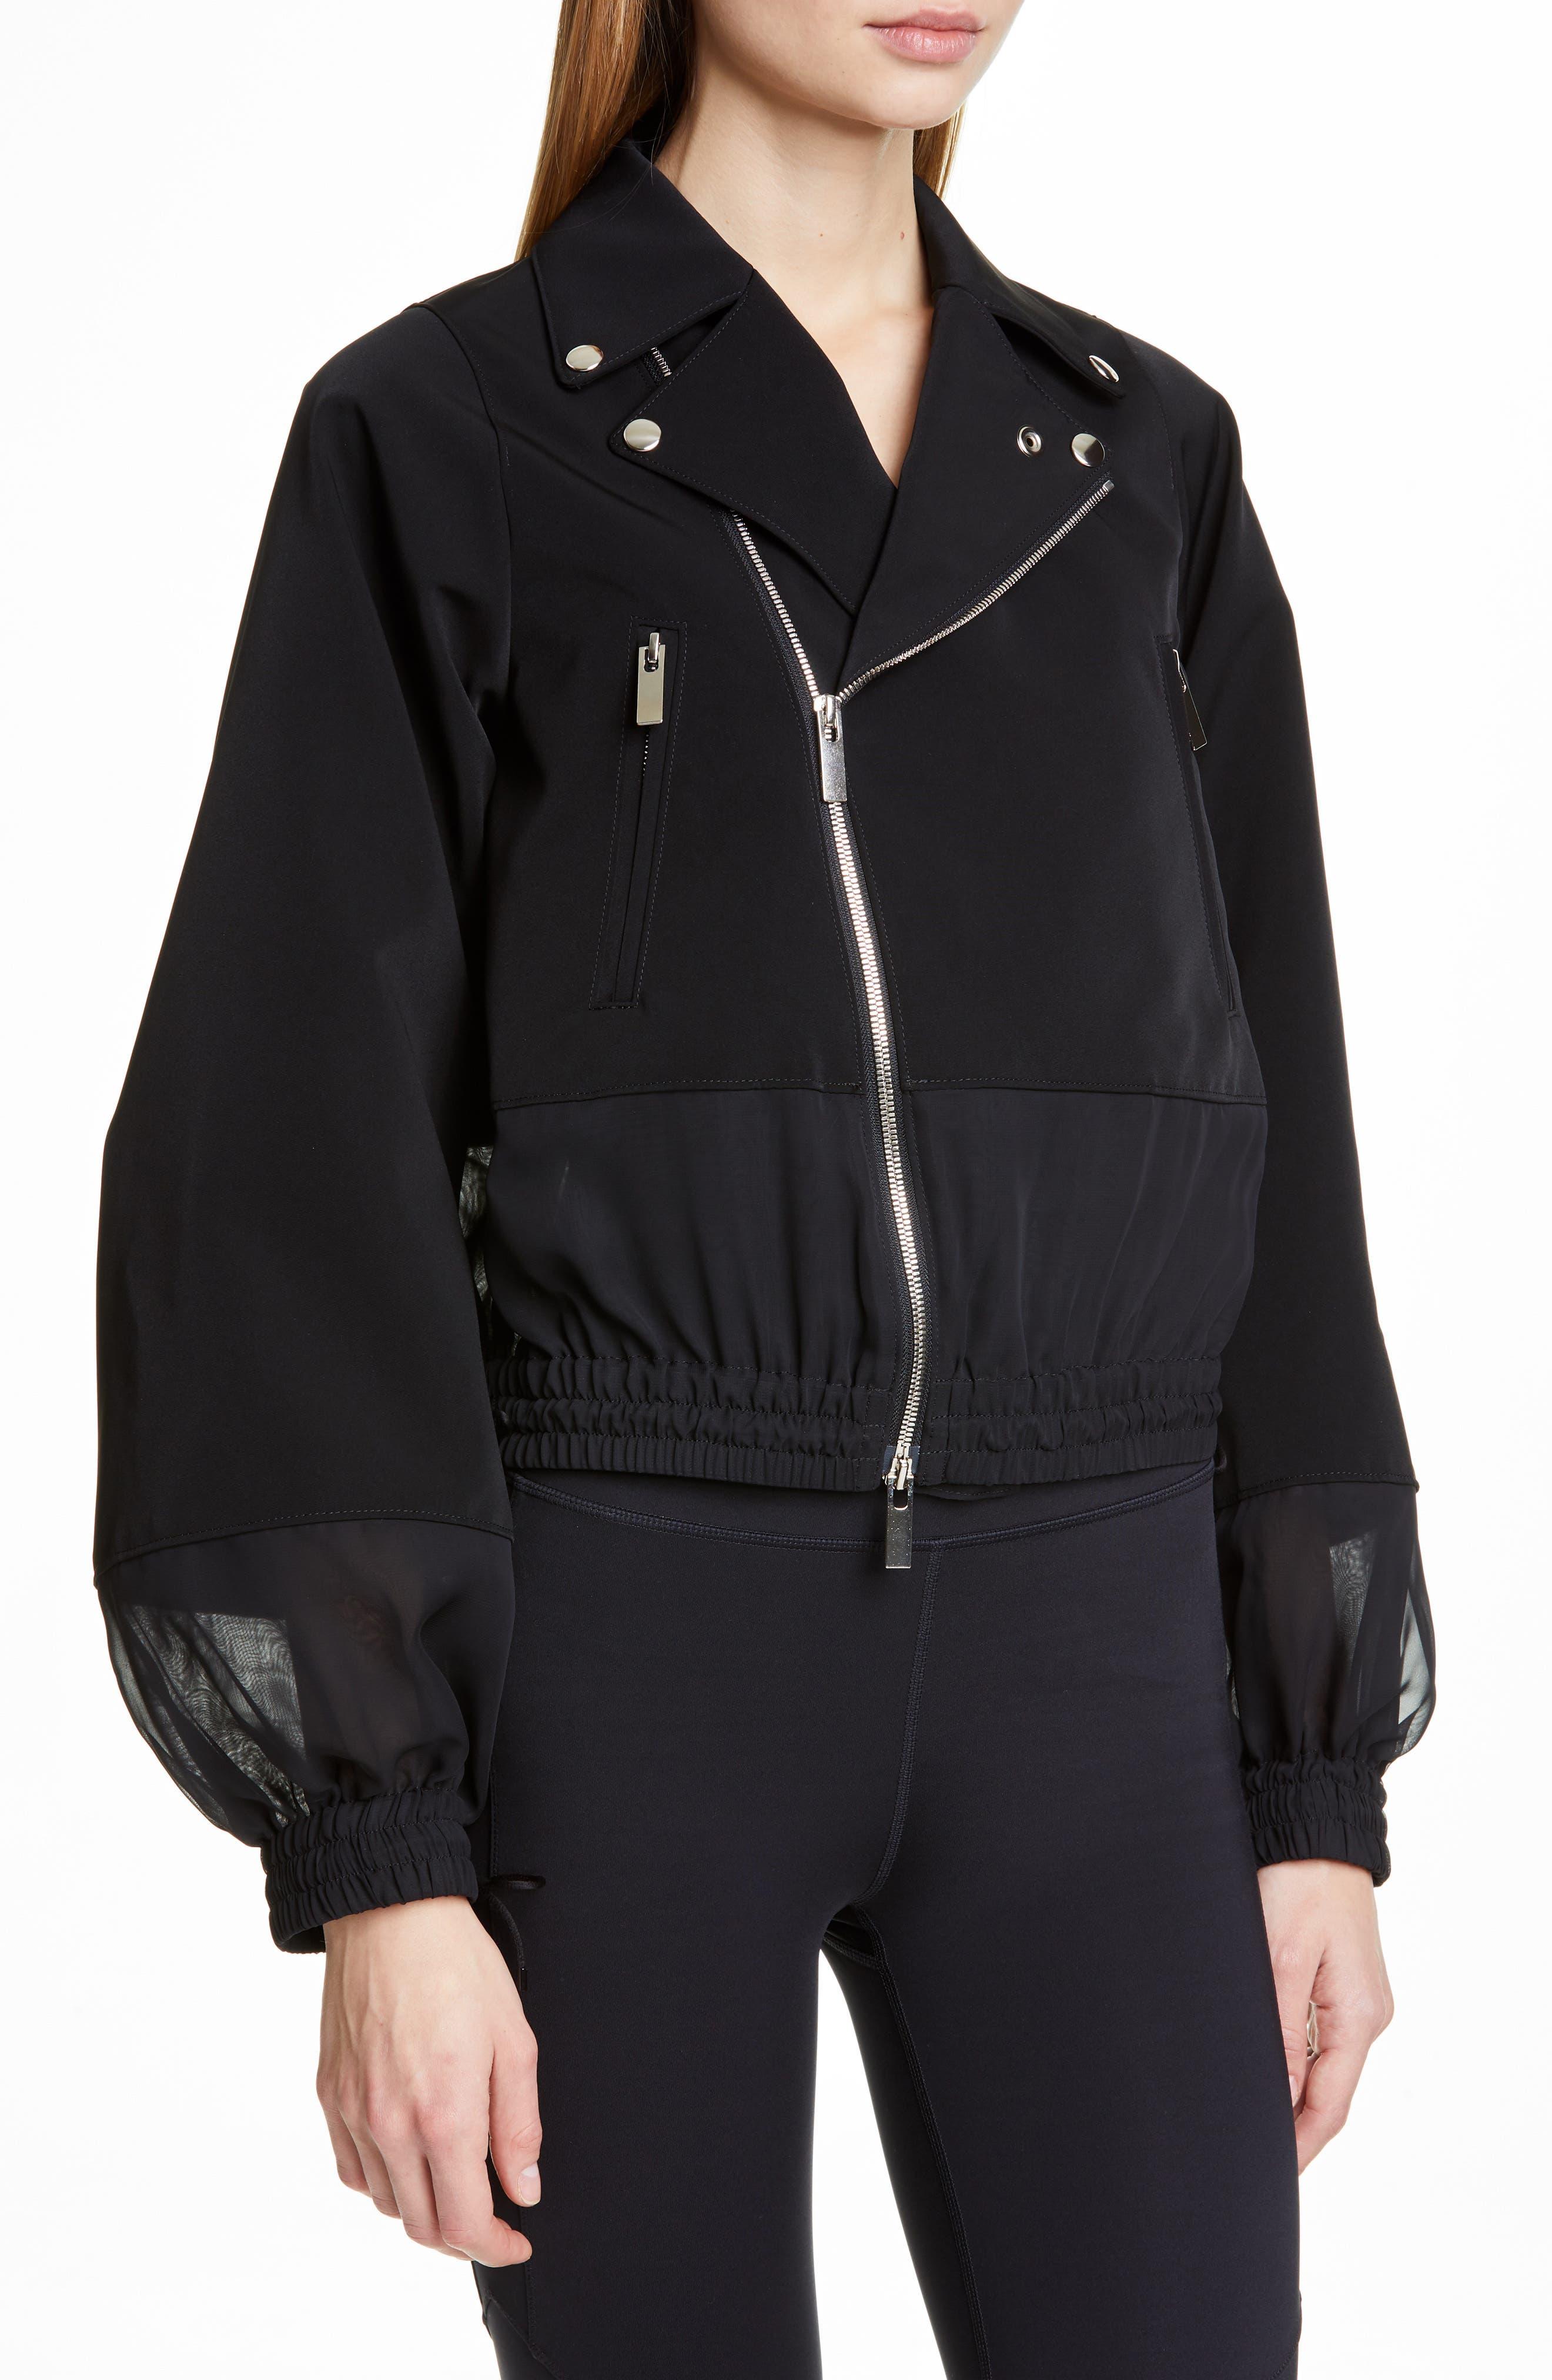 NOIR KEI NINOMIYA, Sheer Panel Moto Jacket, Alternate thumbnail 4, color, BLACK